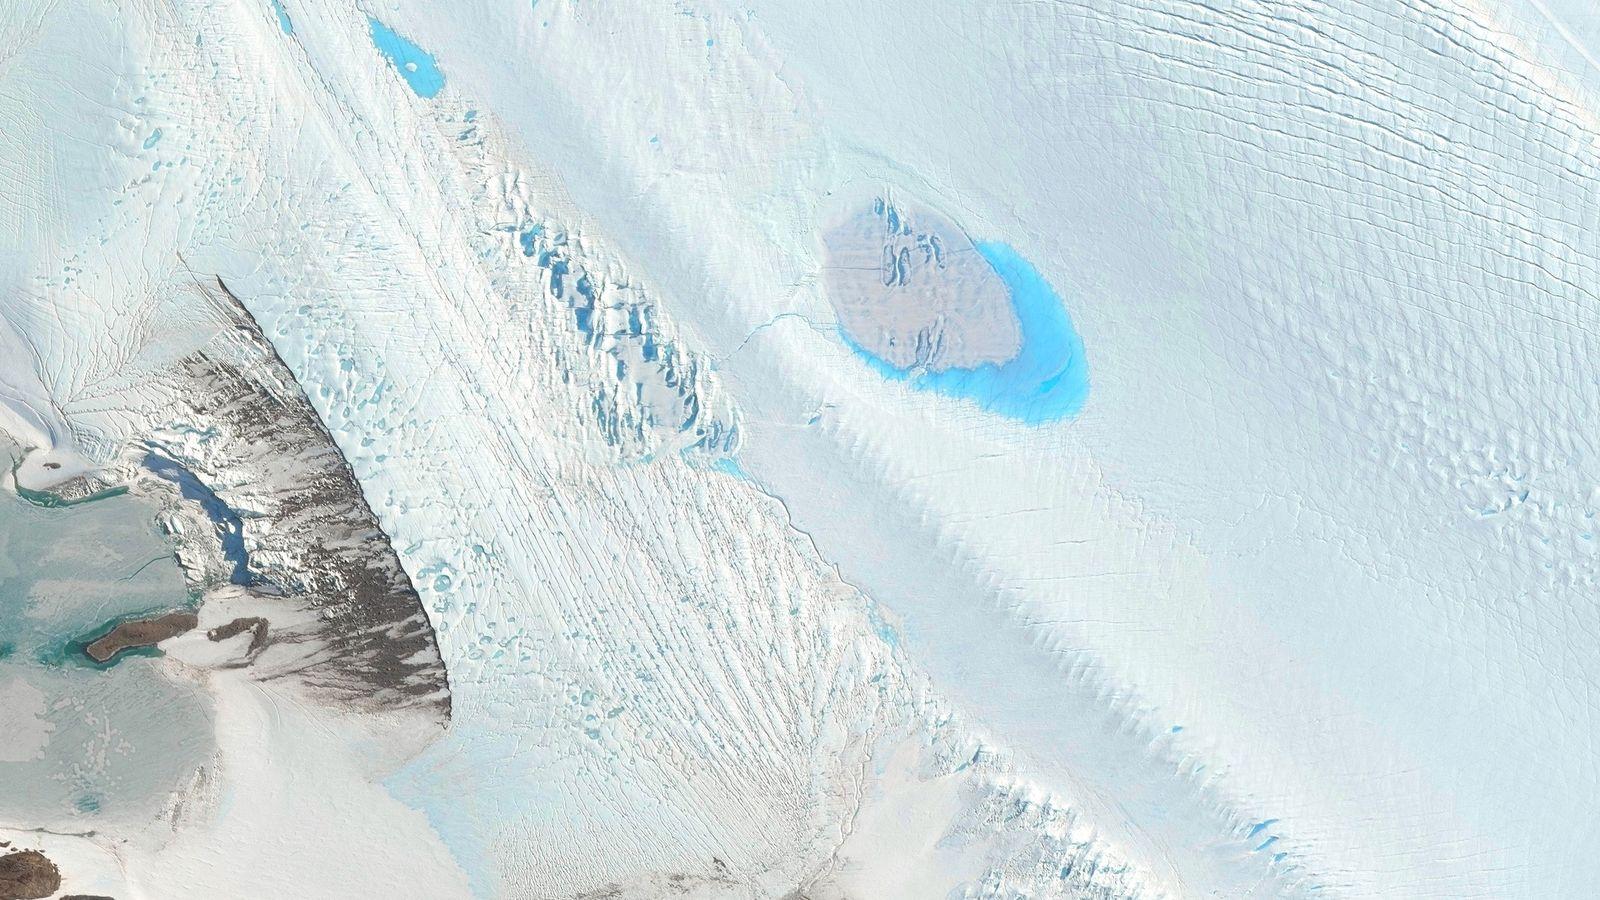 La surface du glacier de Langhovde, situé dans l'est de l'Antarctique, est parsemé de petits lacs.